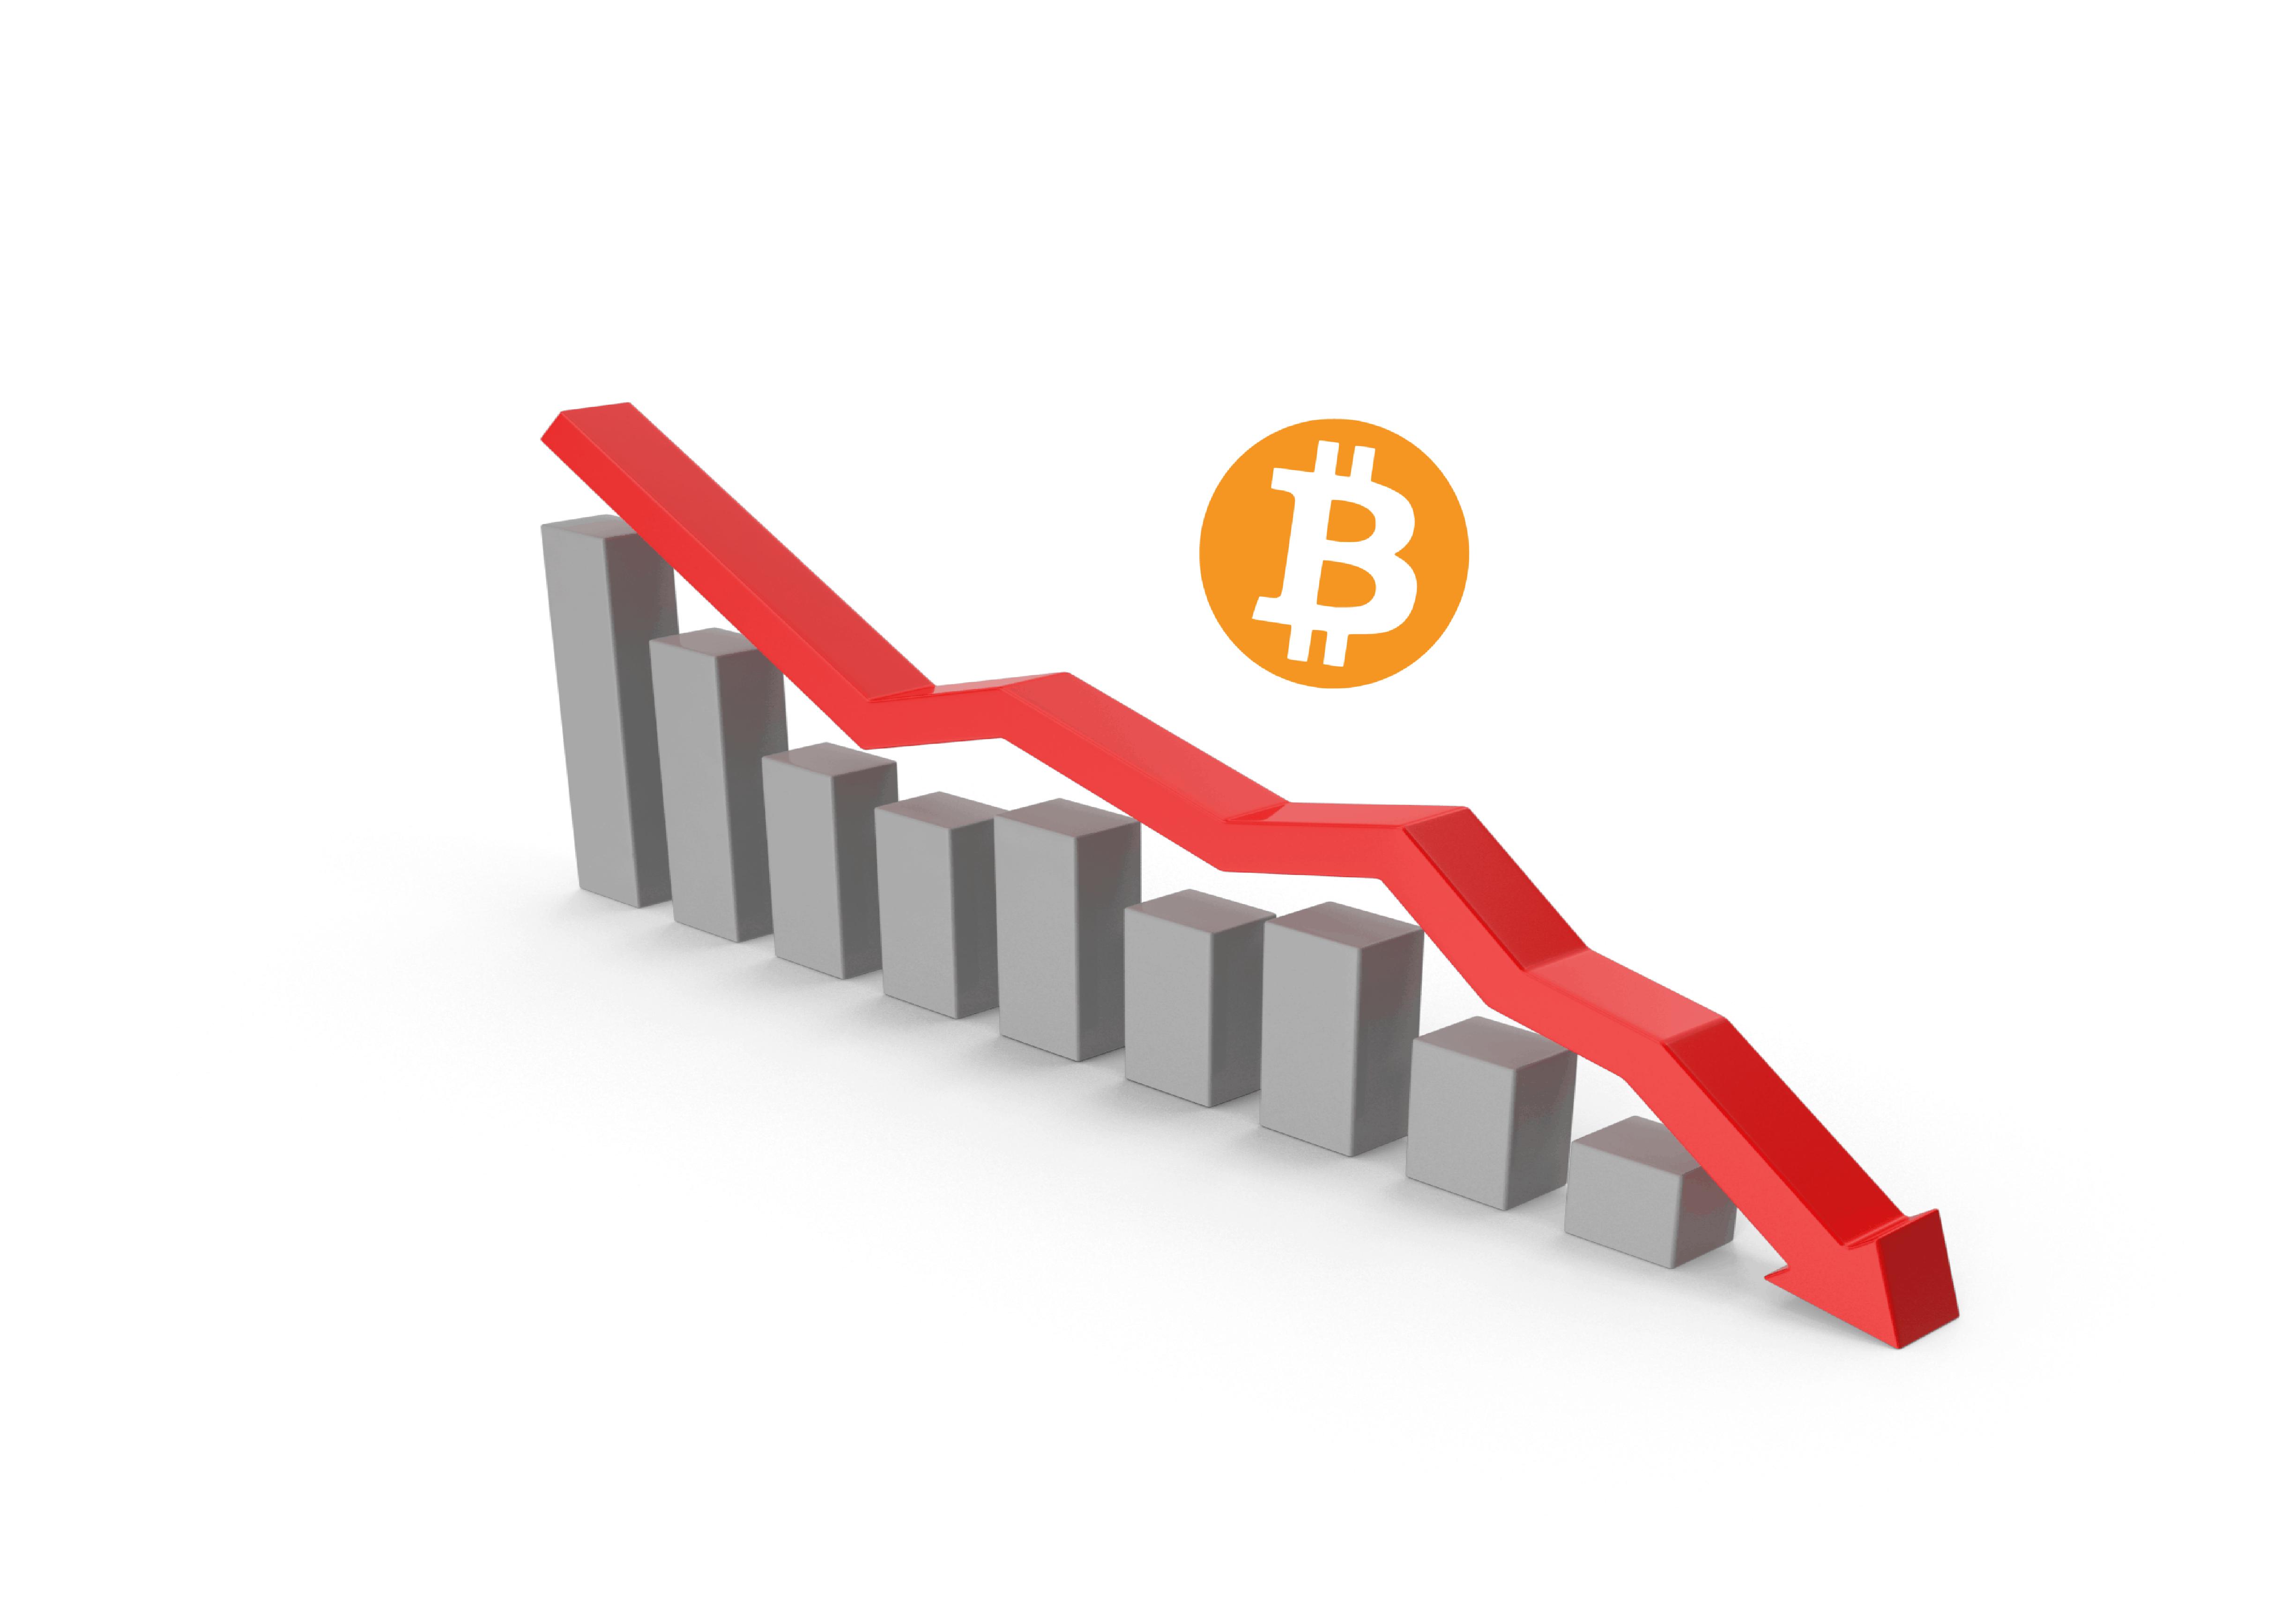 market decline